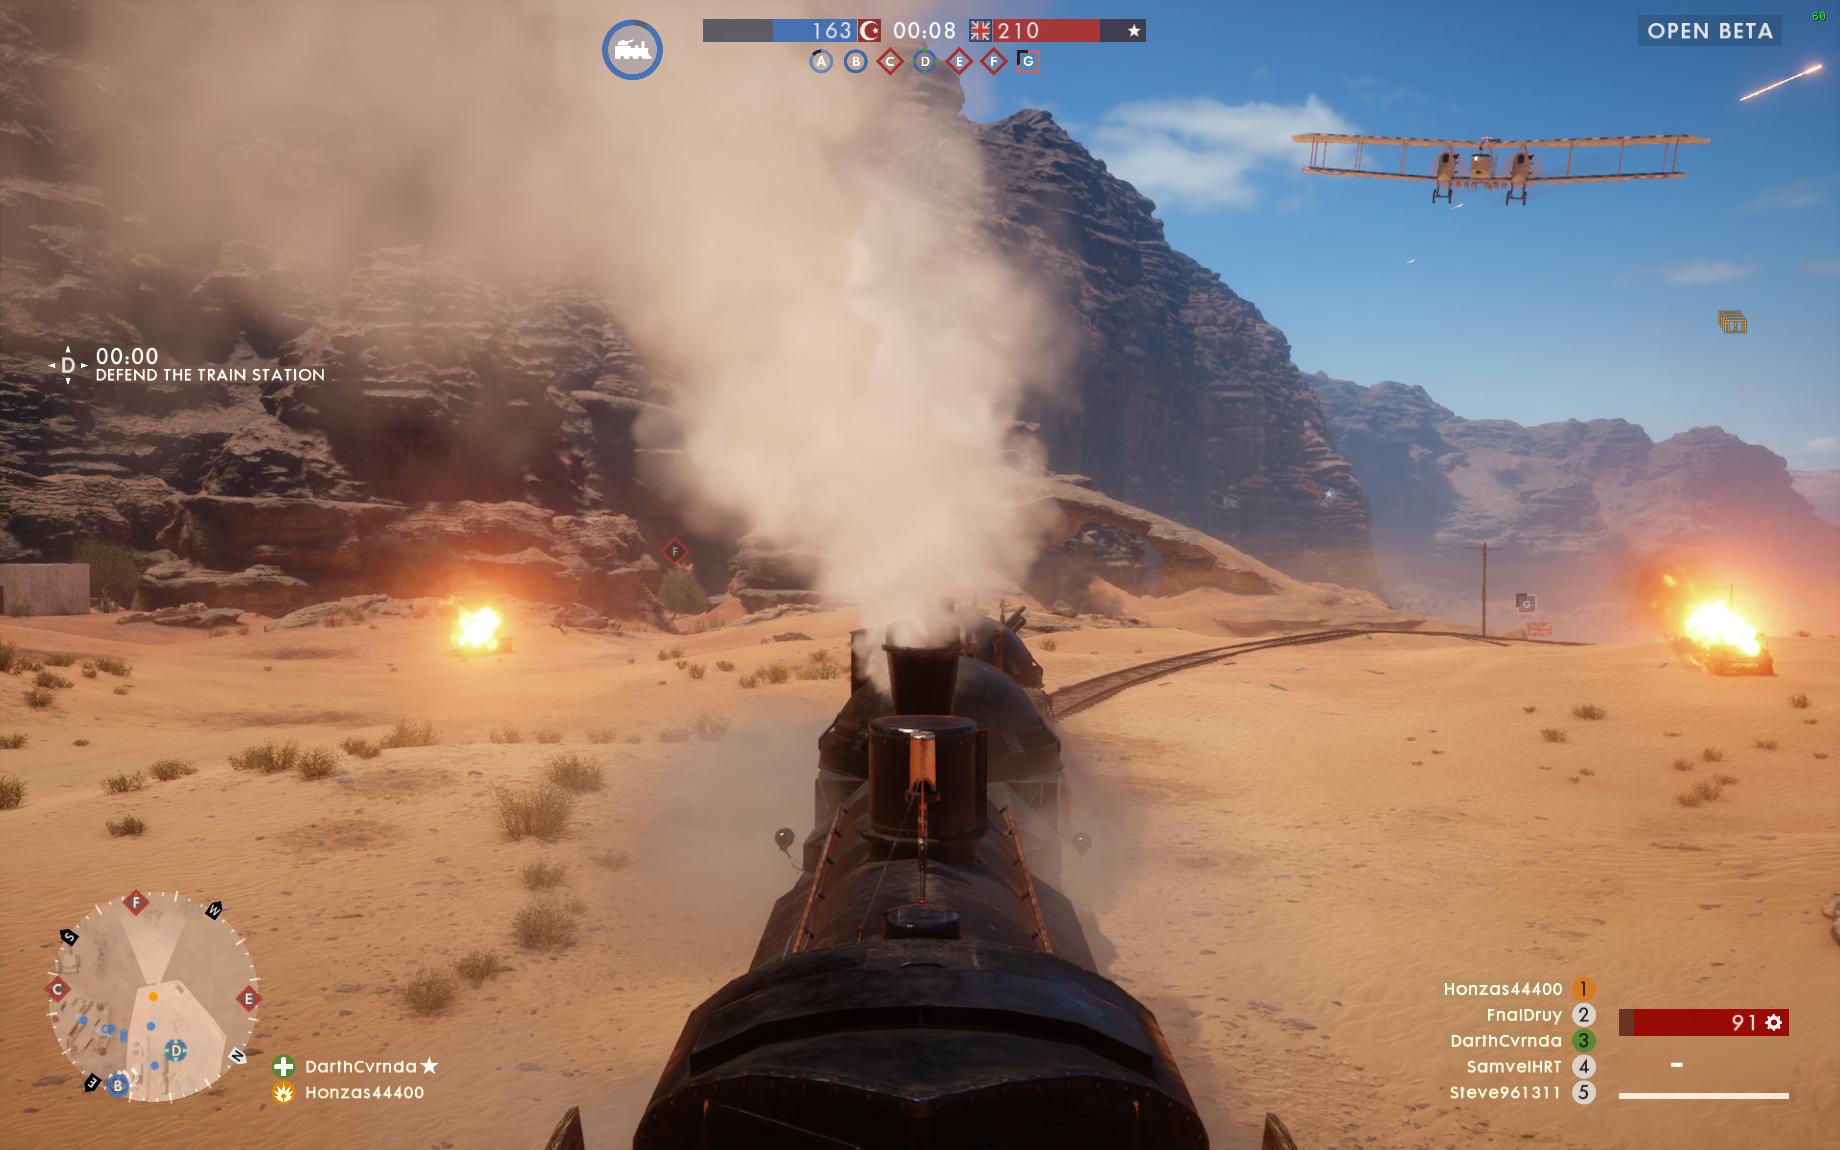 Dojmy z hraní otevřené bety Battlefield 1 129850